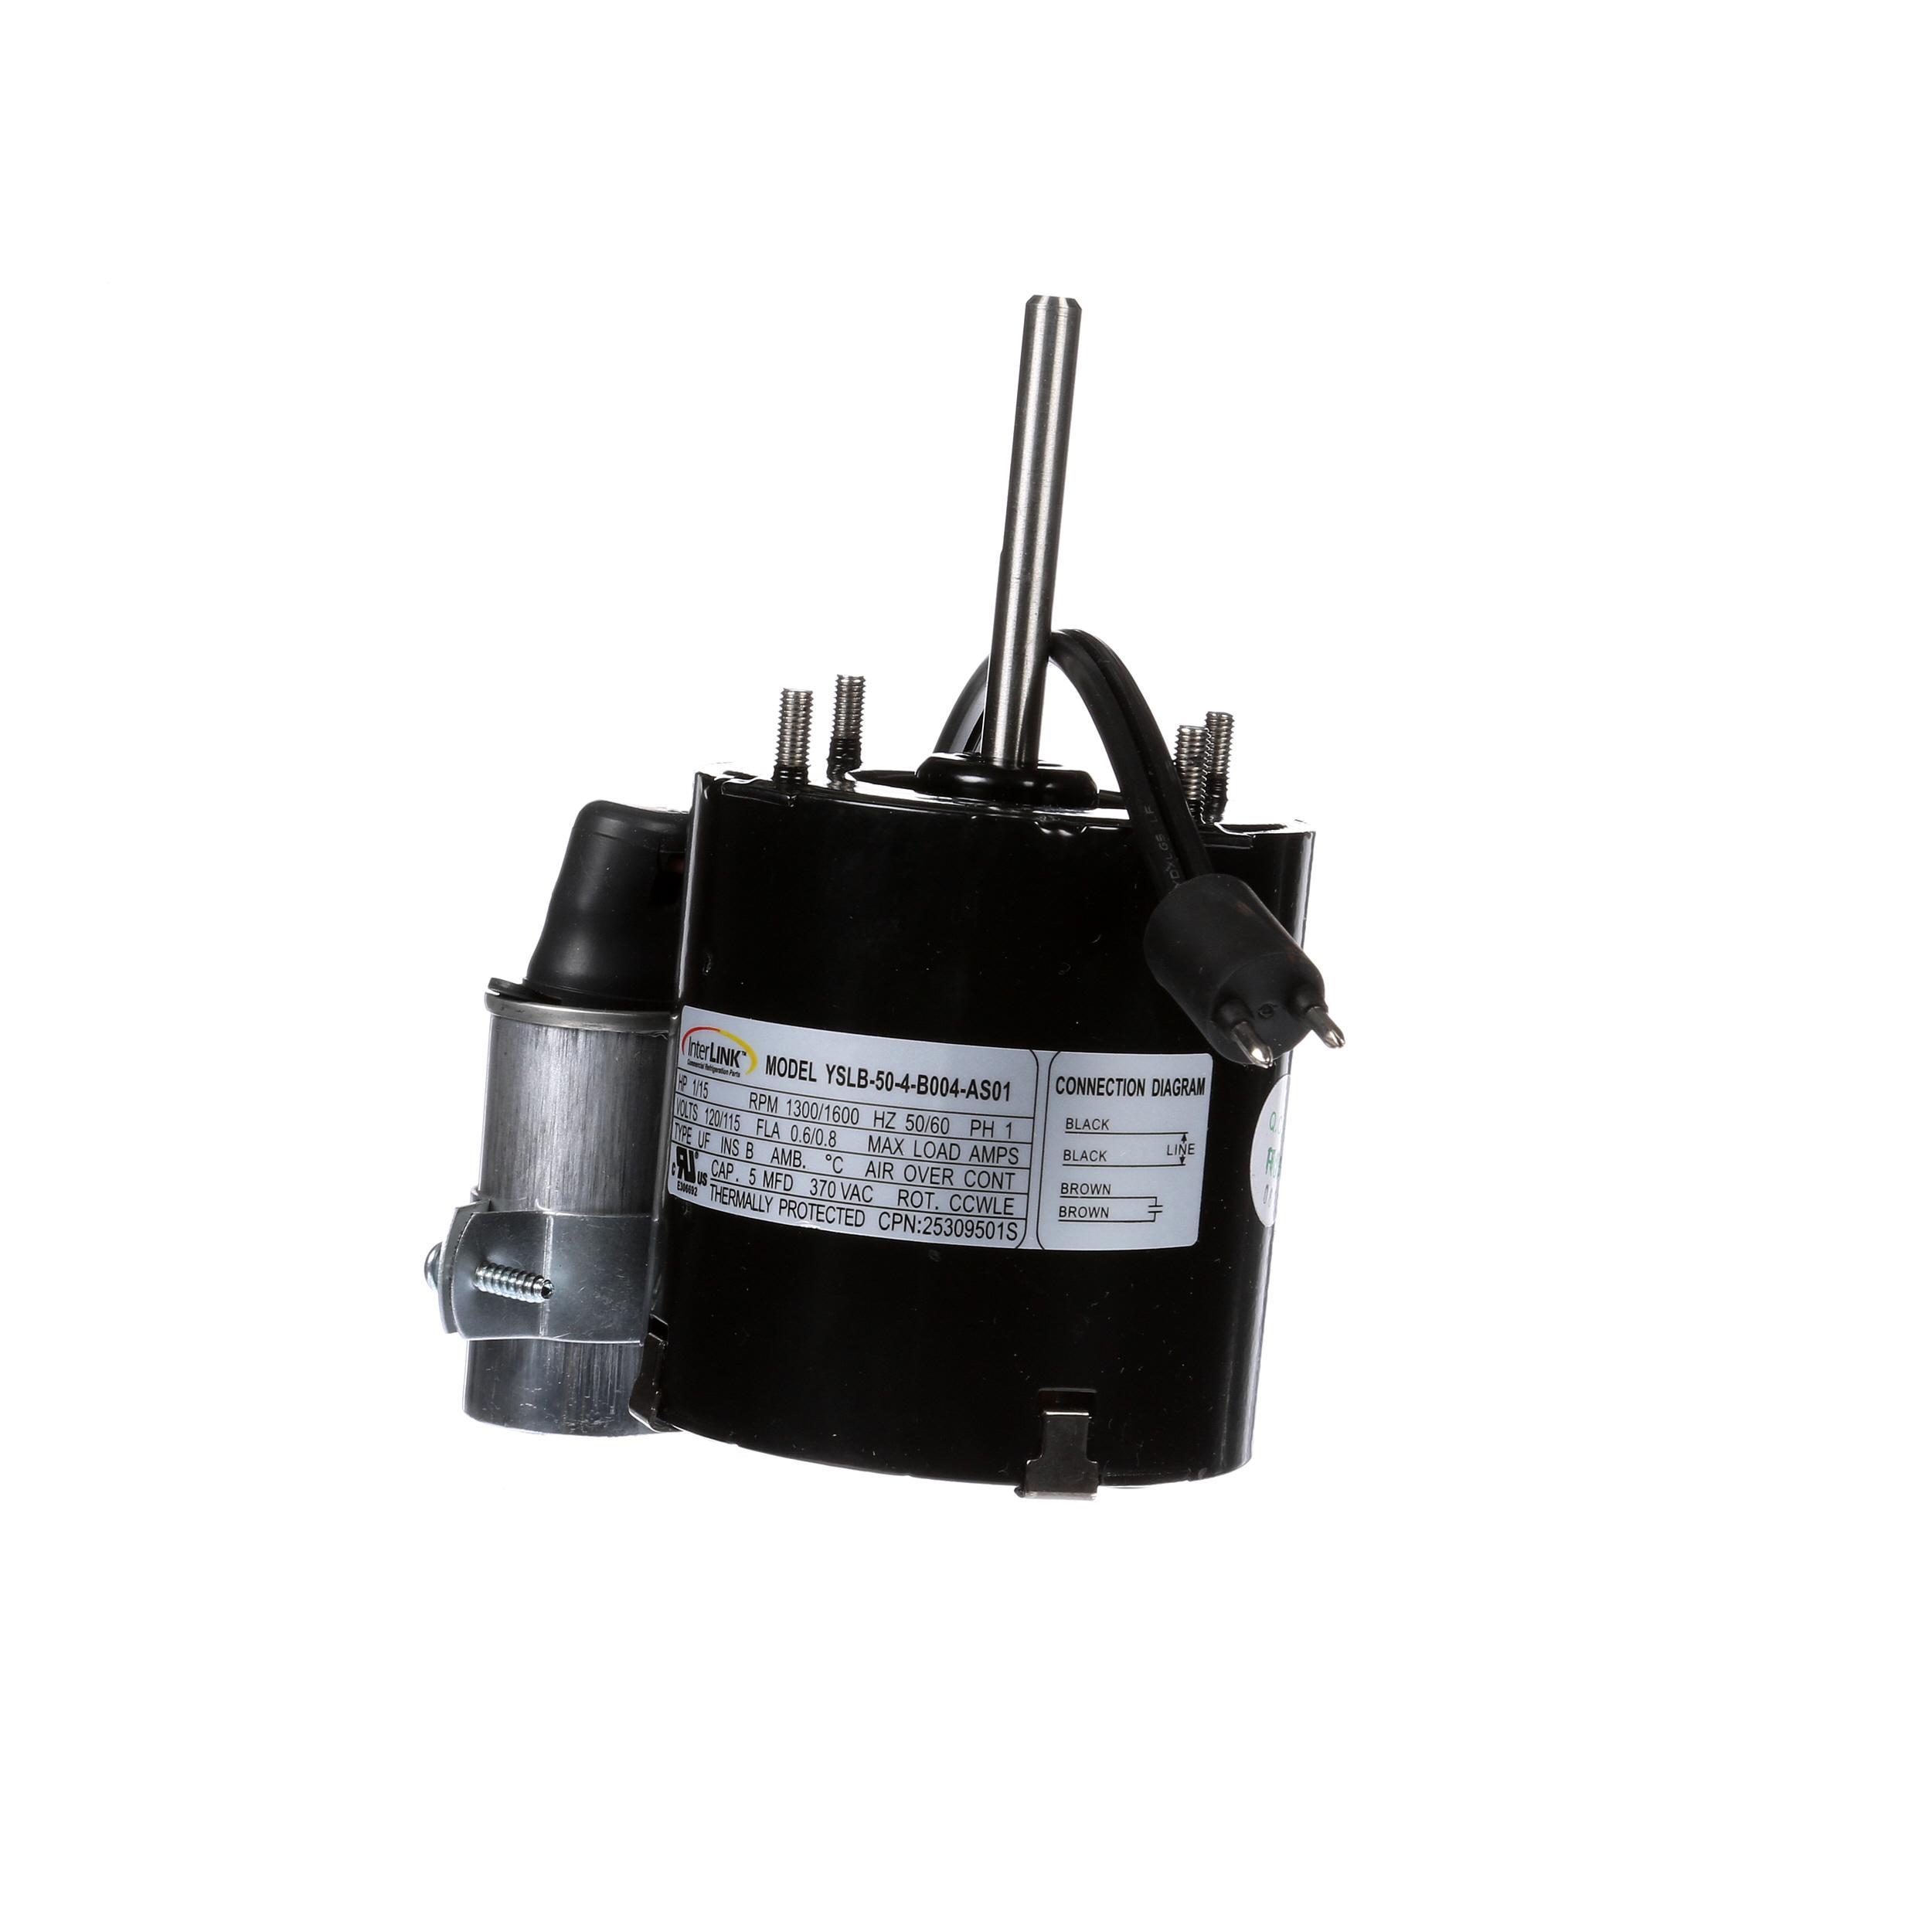 primus dryer wiring diagram primus image wiring heatcraft evap motor 115v part 25309501s on primus dryer wiring diagram